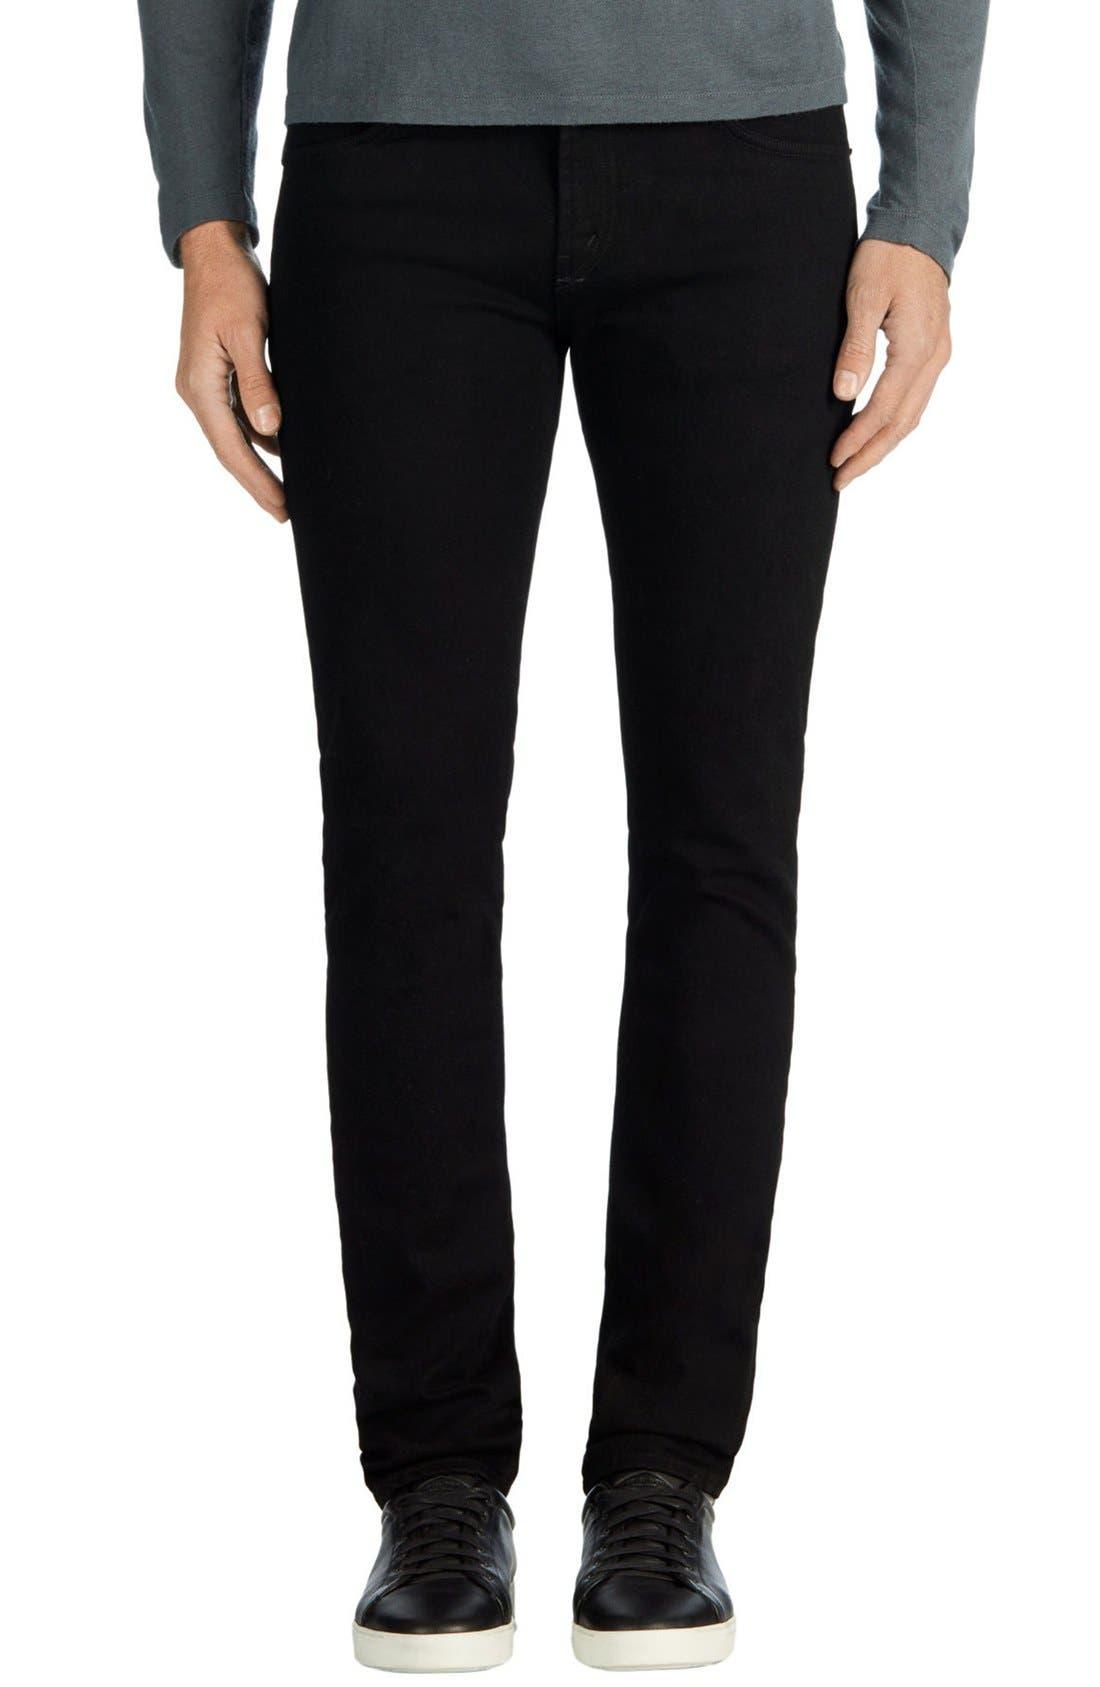 Alternate Image 1 Selected - J Brand Skinny Jeans (Trivor Black)